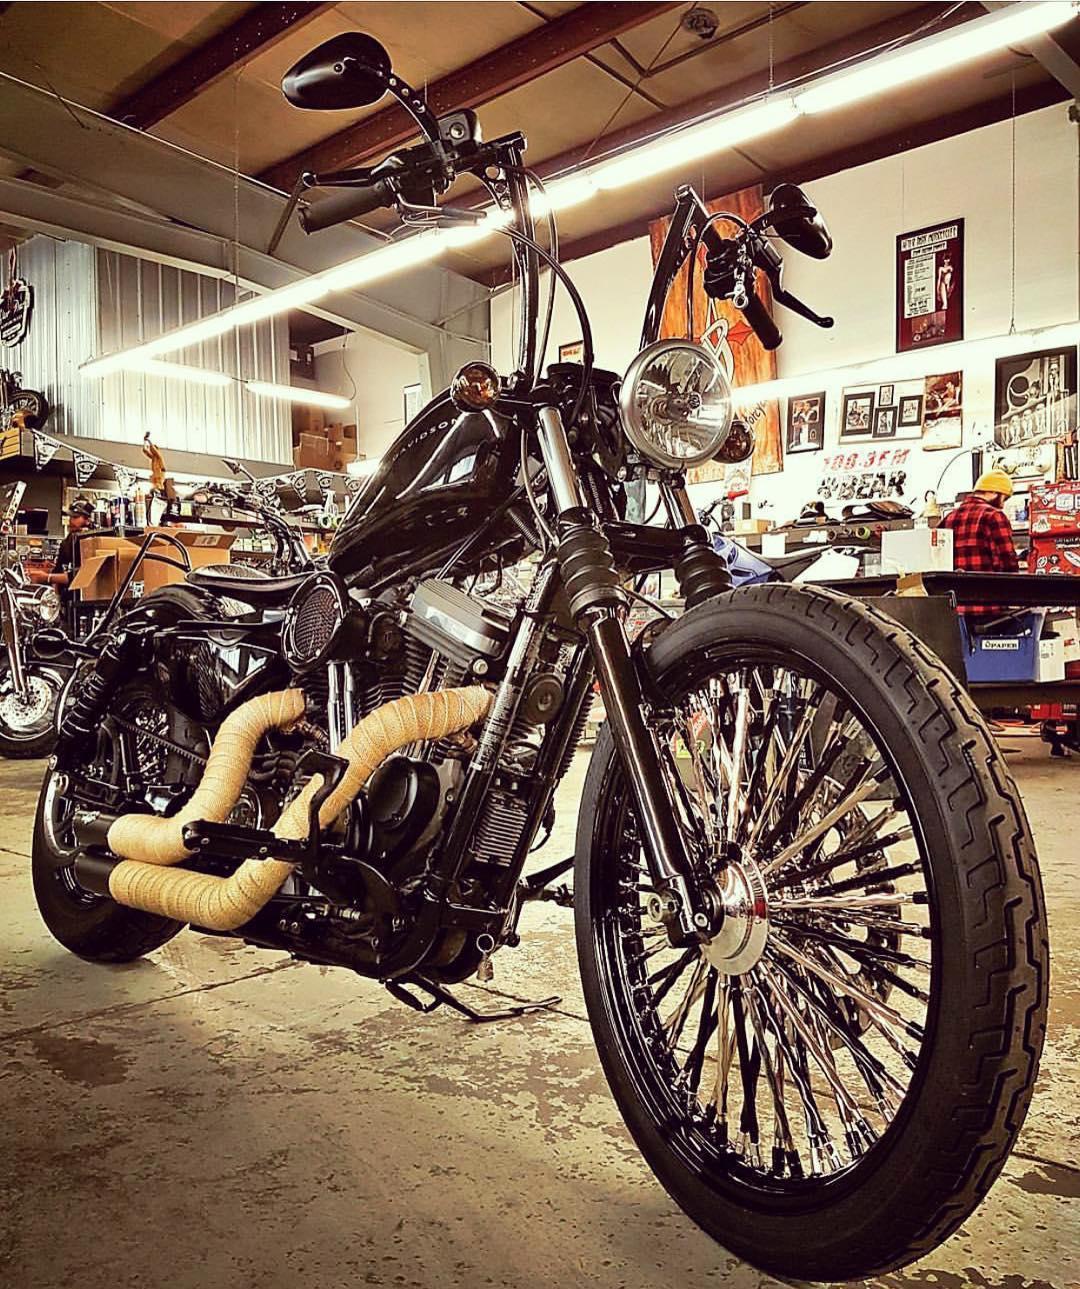 My Partner Harley sportster custom harleydavidson harleysportster sevenbeckham mammothwheels mammothspokehellip